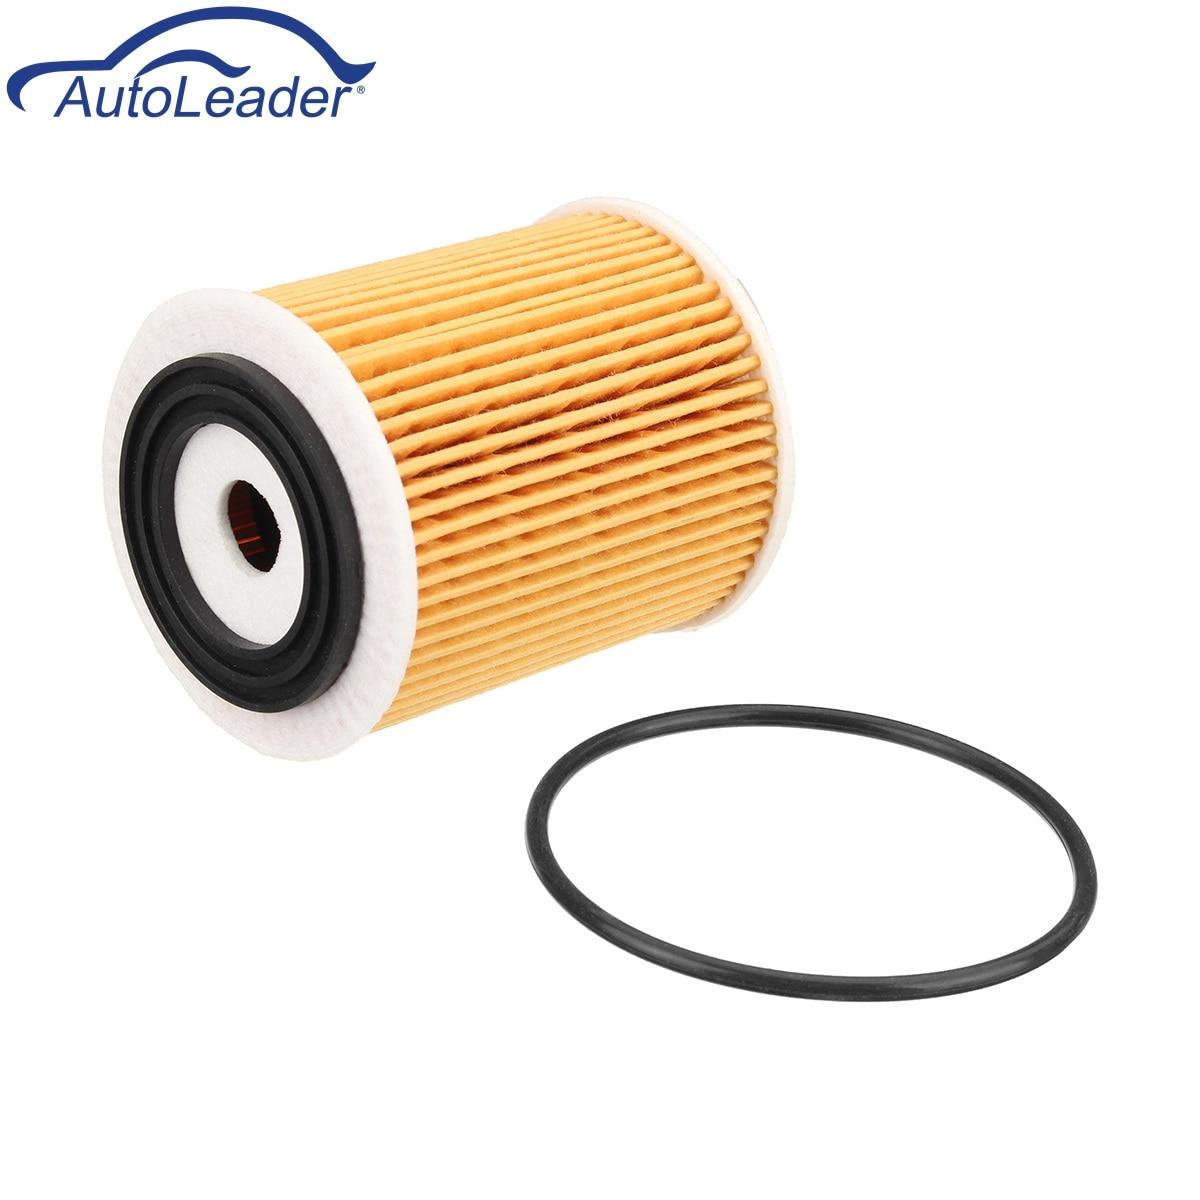 Filtro de aceite y O-anillo para BMW MINI R50 R52 R53 11427509208, 11427512466 de 1457429197 OX175D CH9584 HU816